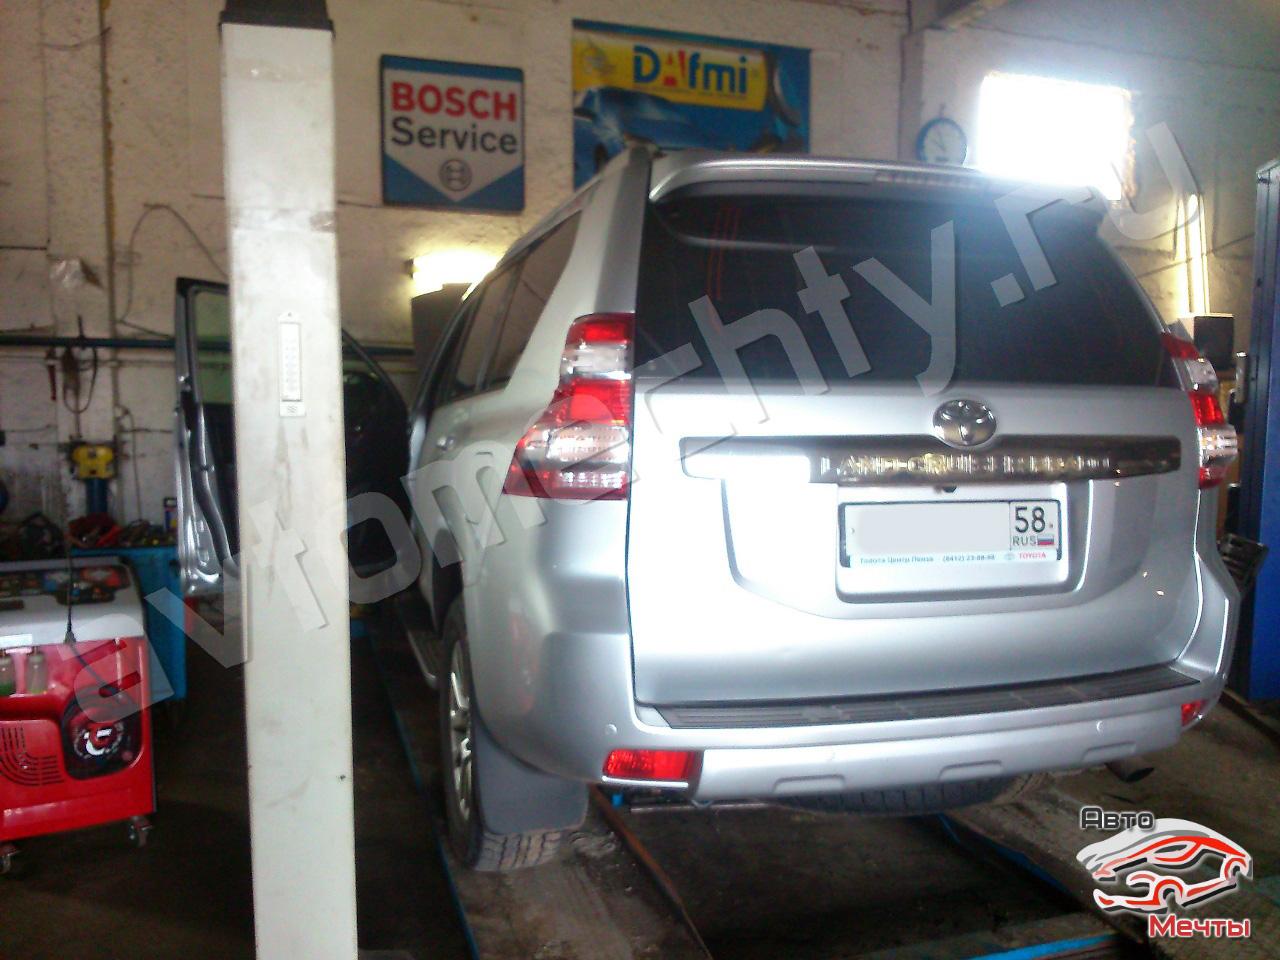 Чип-тюнинг Toyota Land Cruiser Prado, отключение сажевого фильтра DPF, системы EGR, увеличение мощности Stage-1